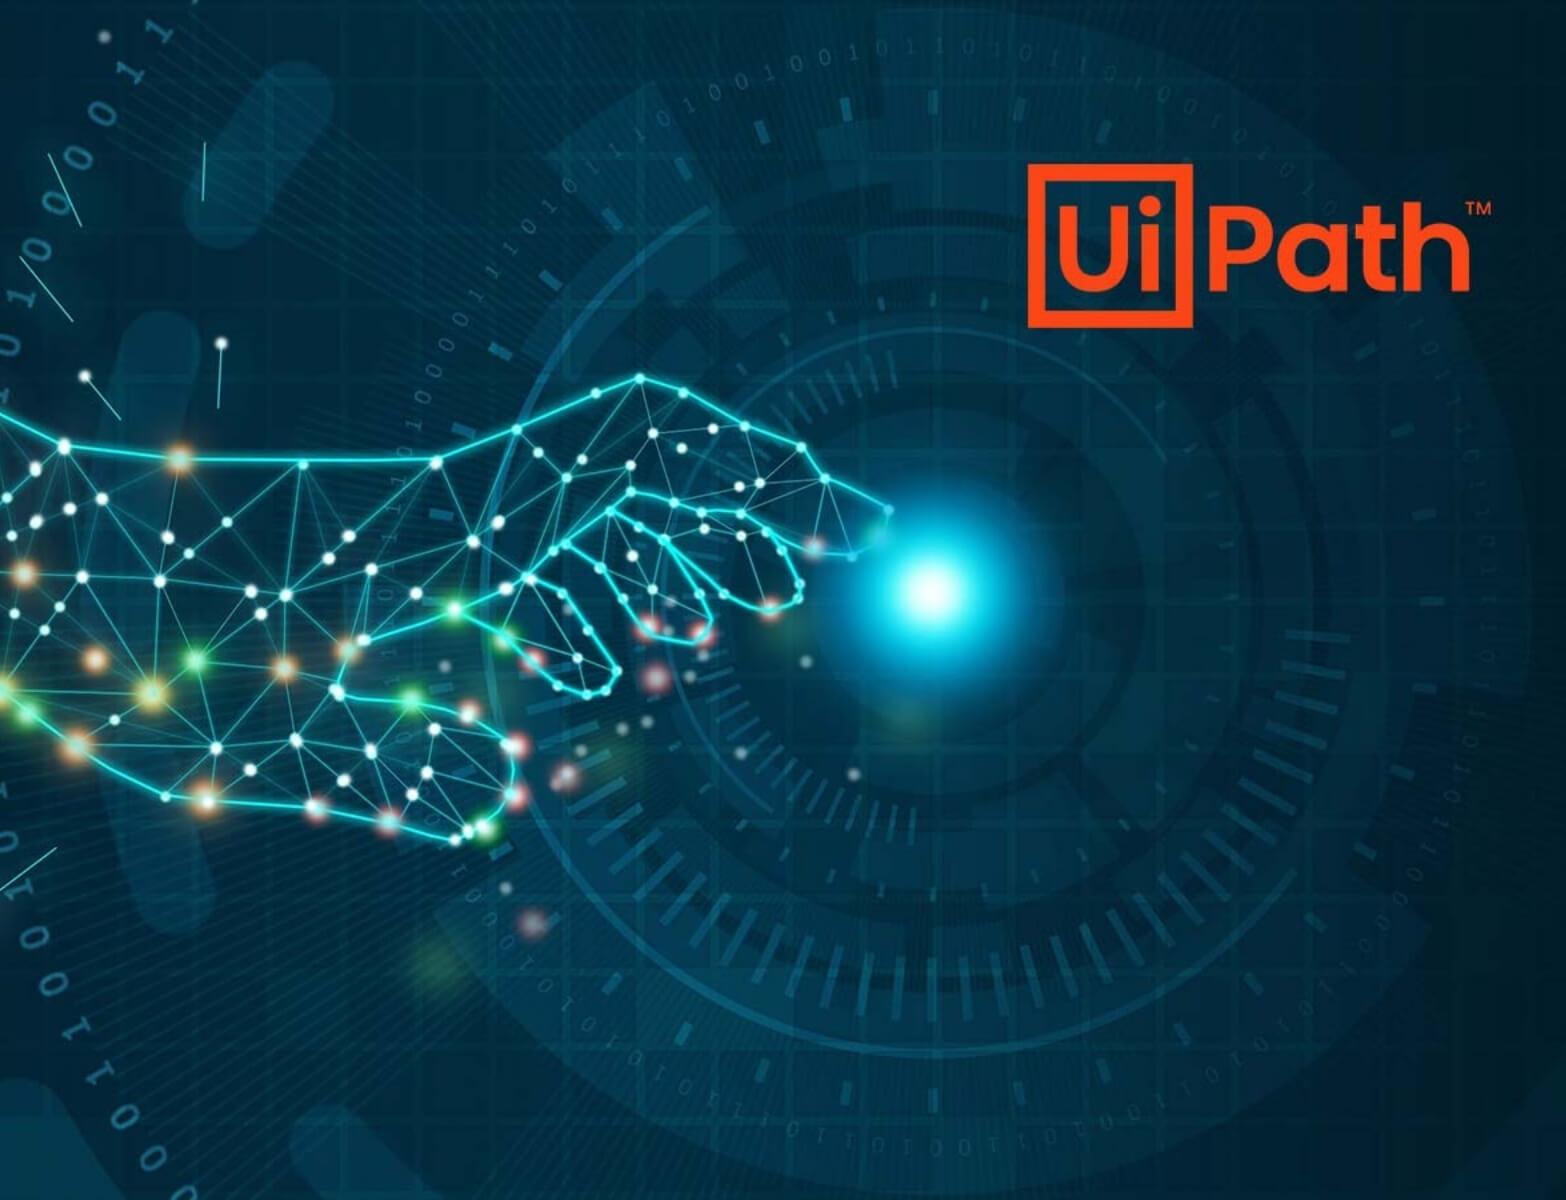 Компания UiPath, разработчик RPA-решений, готовится к IPO